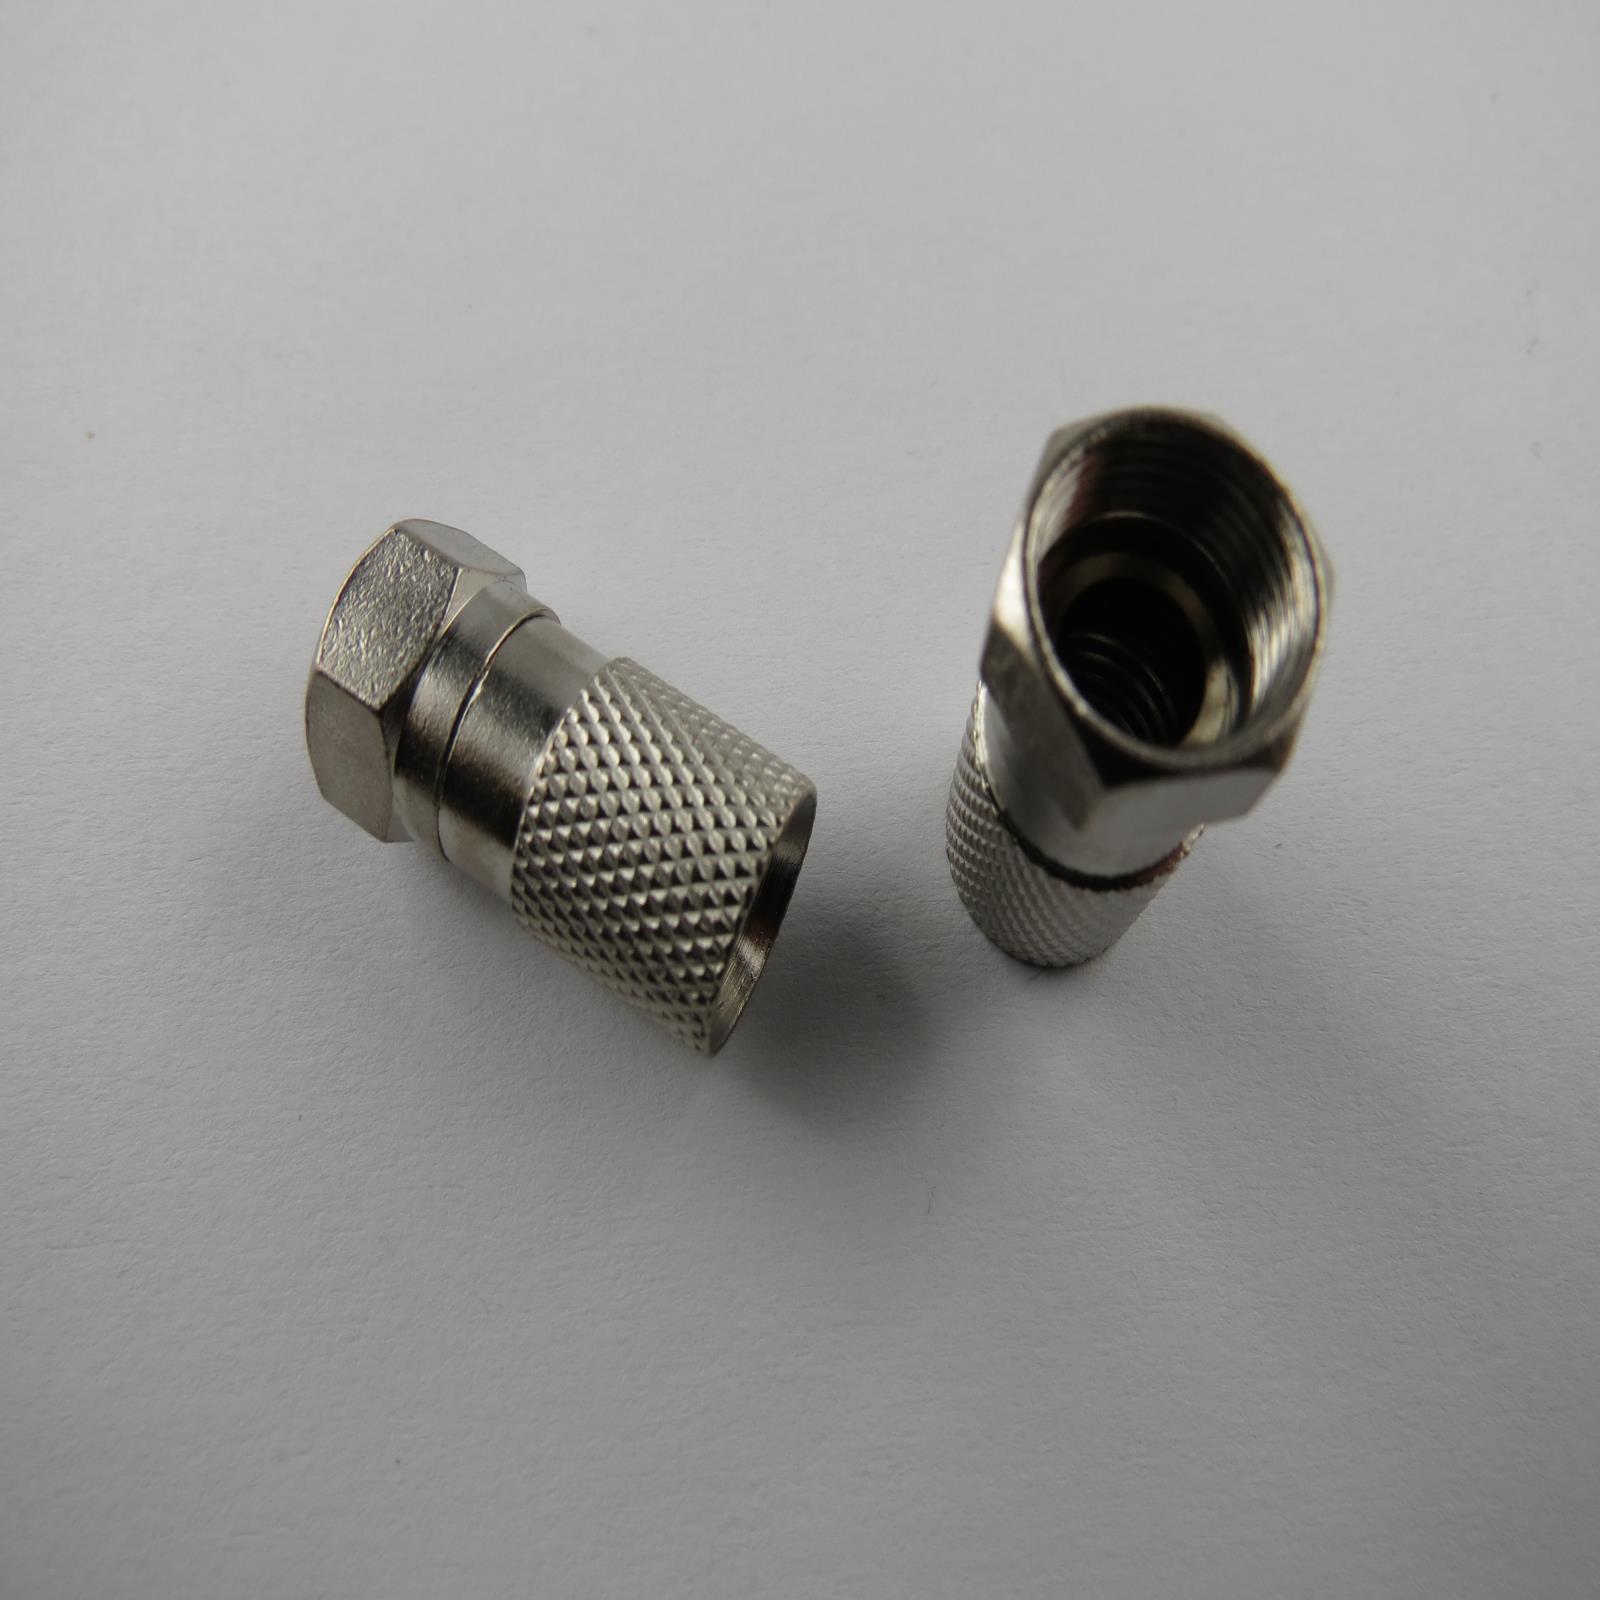 f stecker verbinder einbaubuchse antennenstecker sat f stecker koaxial kabel tv ebay. Black Bedroom Furniture Sets. Home Design Ideas